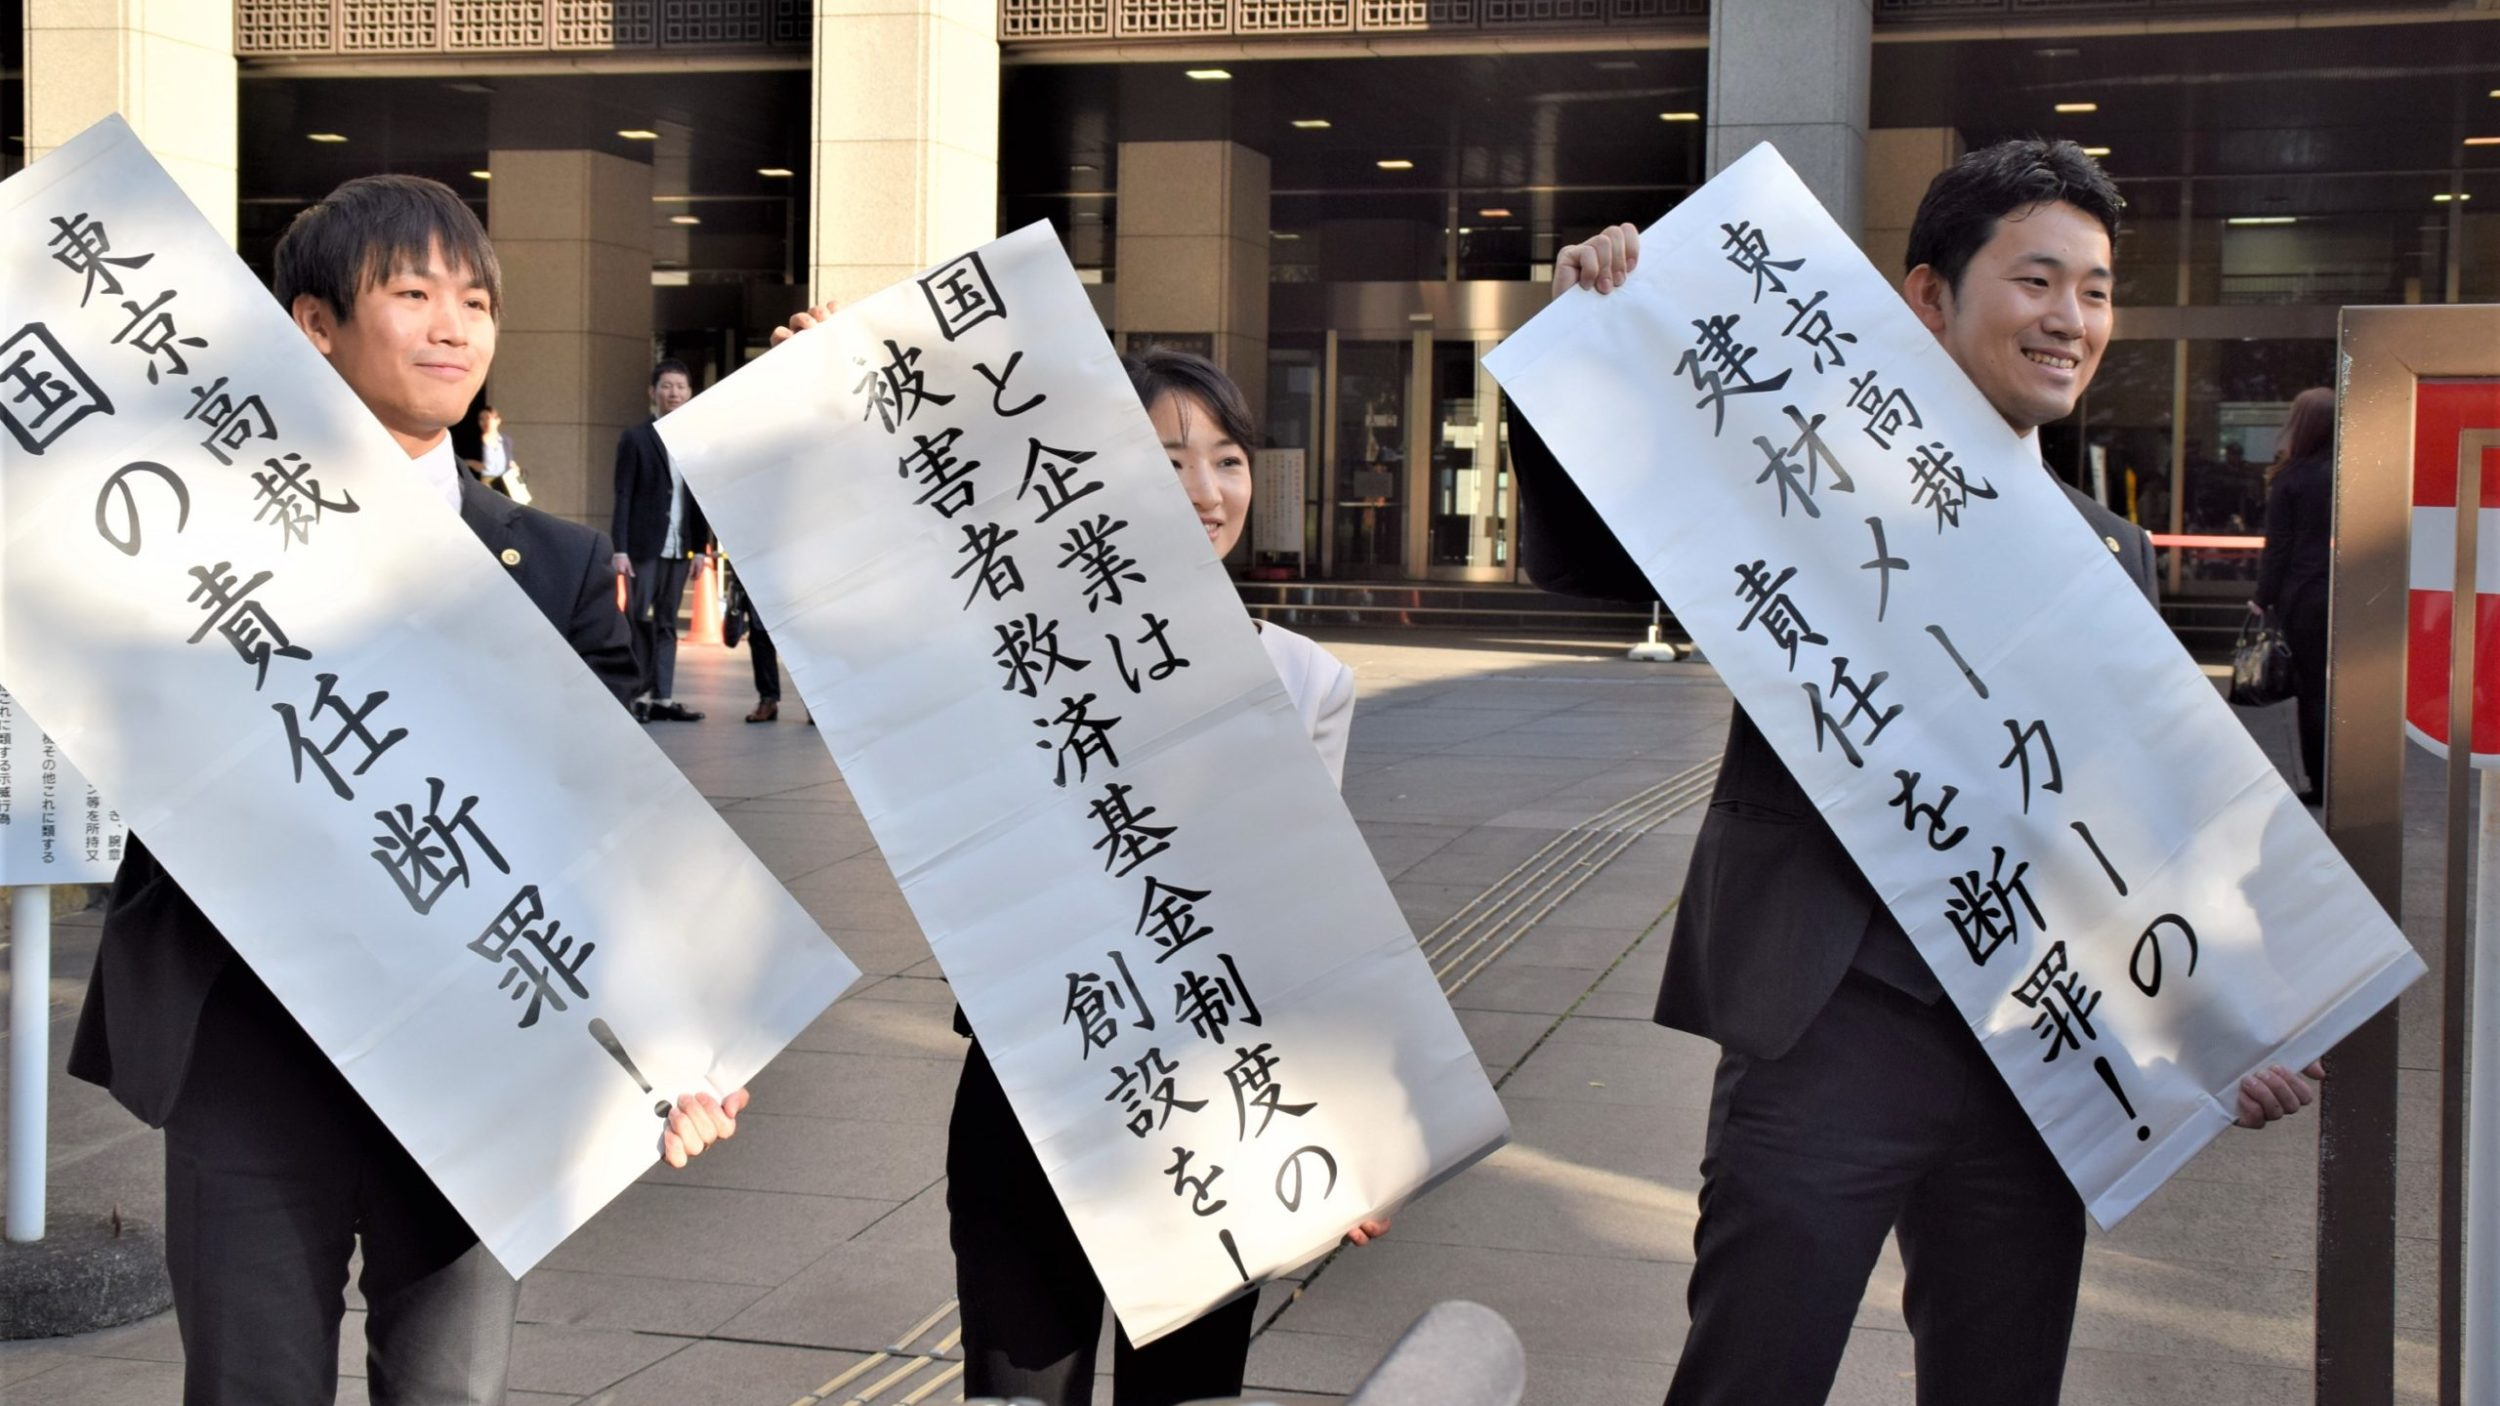 建設アスベスト訴訟を支援する神奈川の会